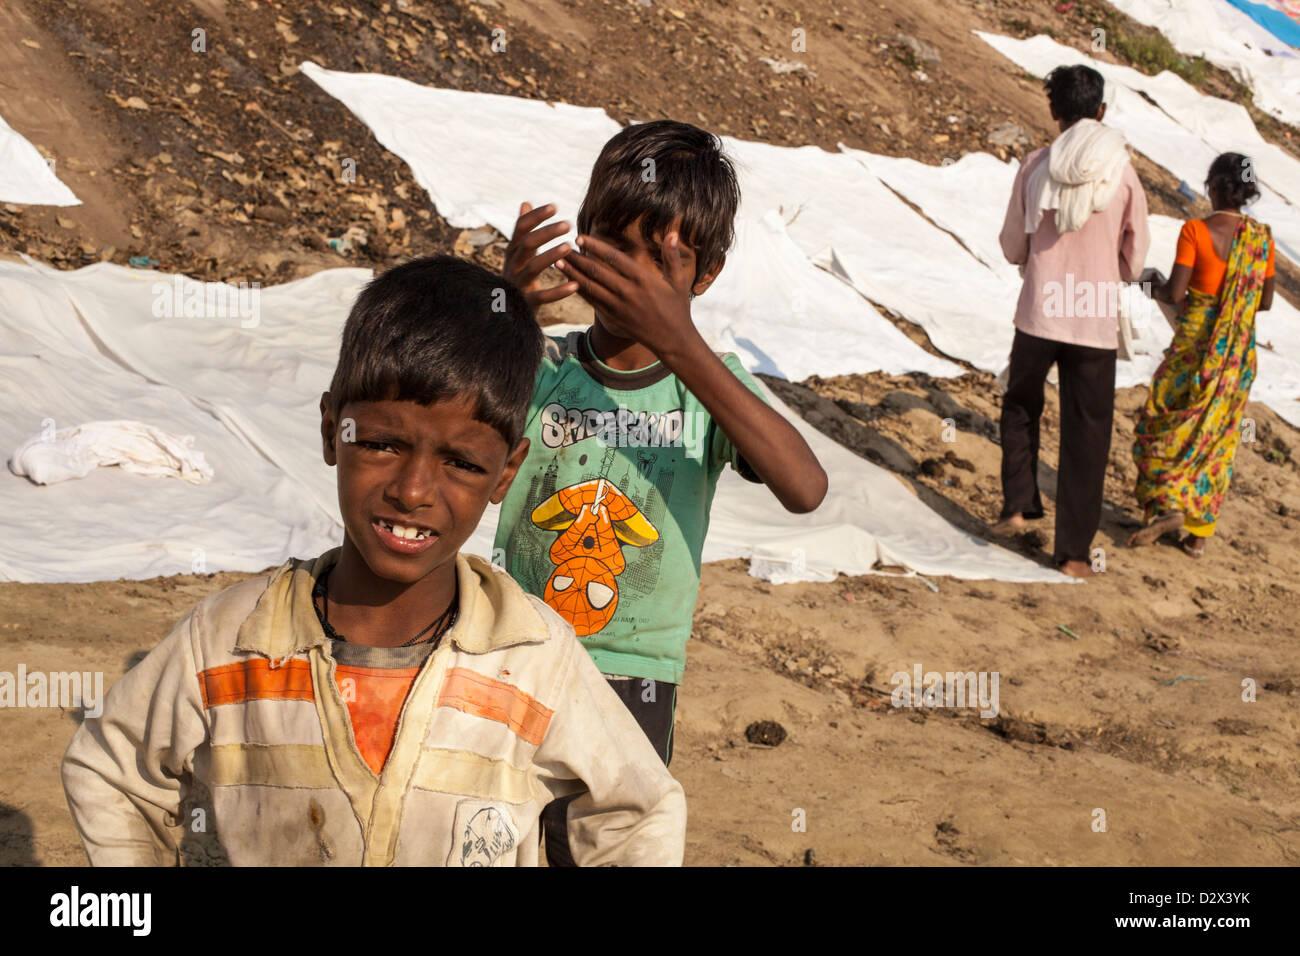 Sábanas blancas se colocaron a secar en un Ghat, Varanasi, India Imagen De Stock